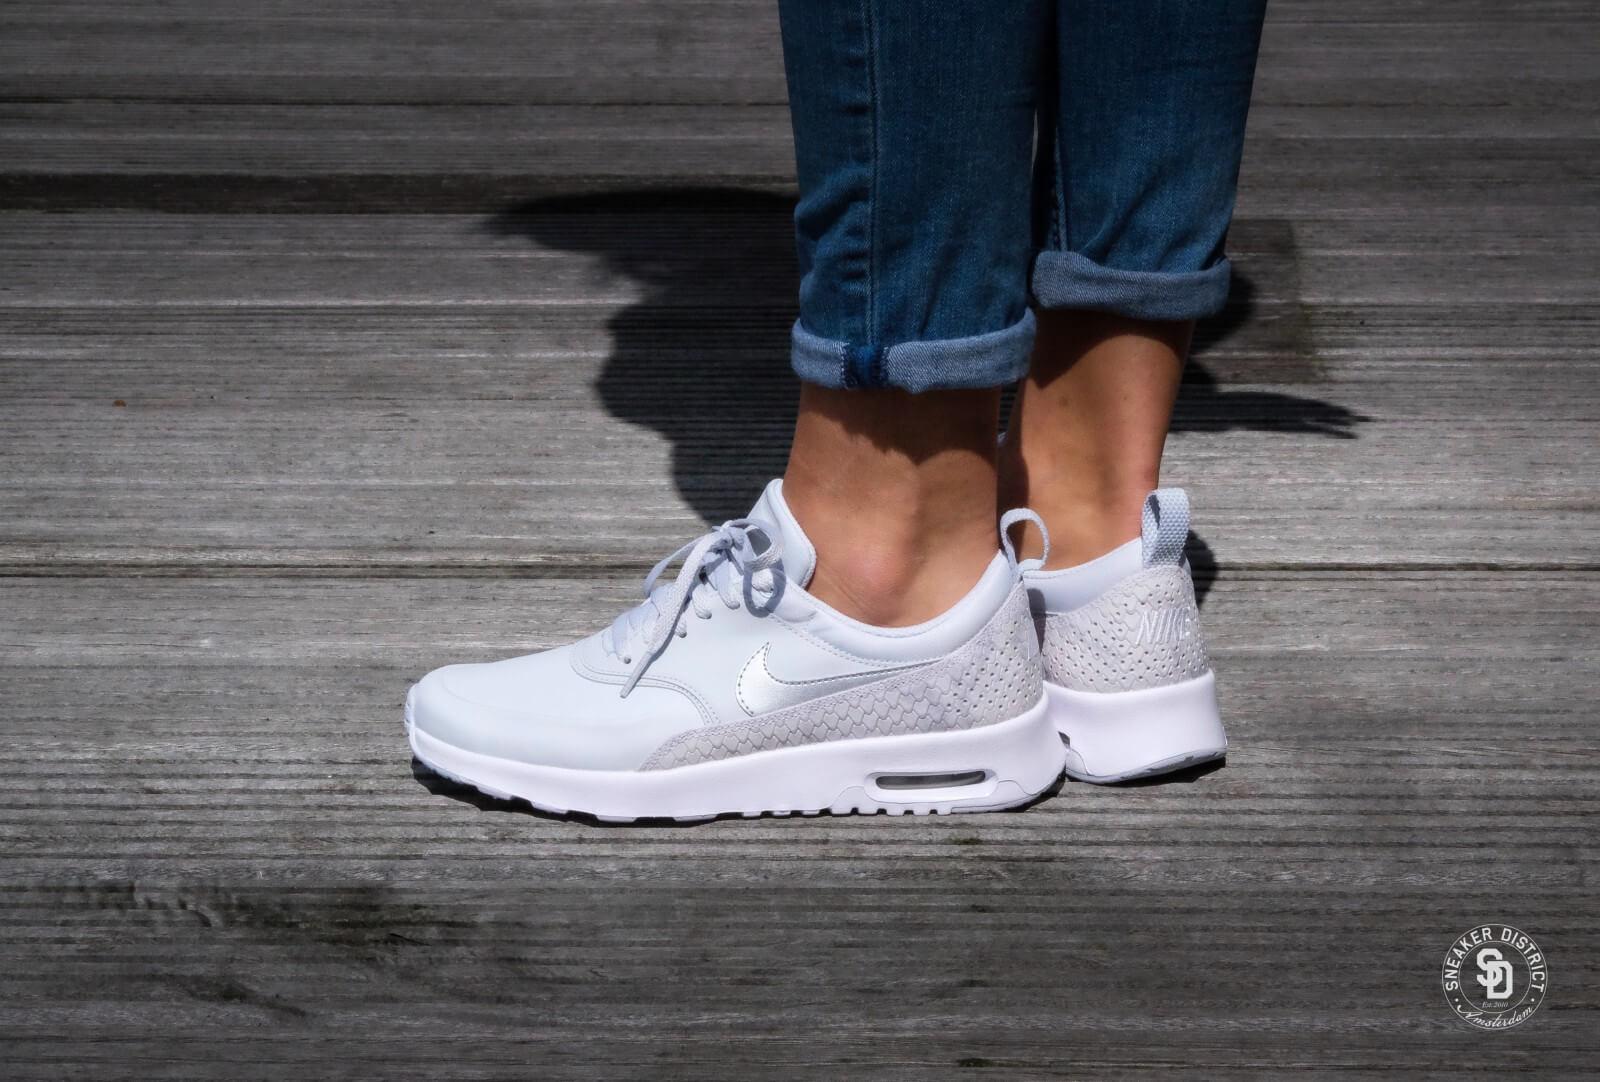 Nike Air Max Thea Premium, Women's Low Top Sneakers 616723